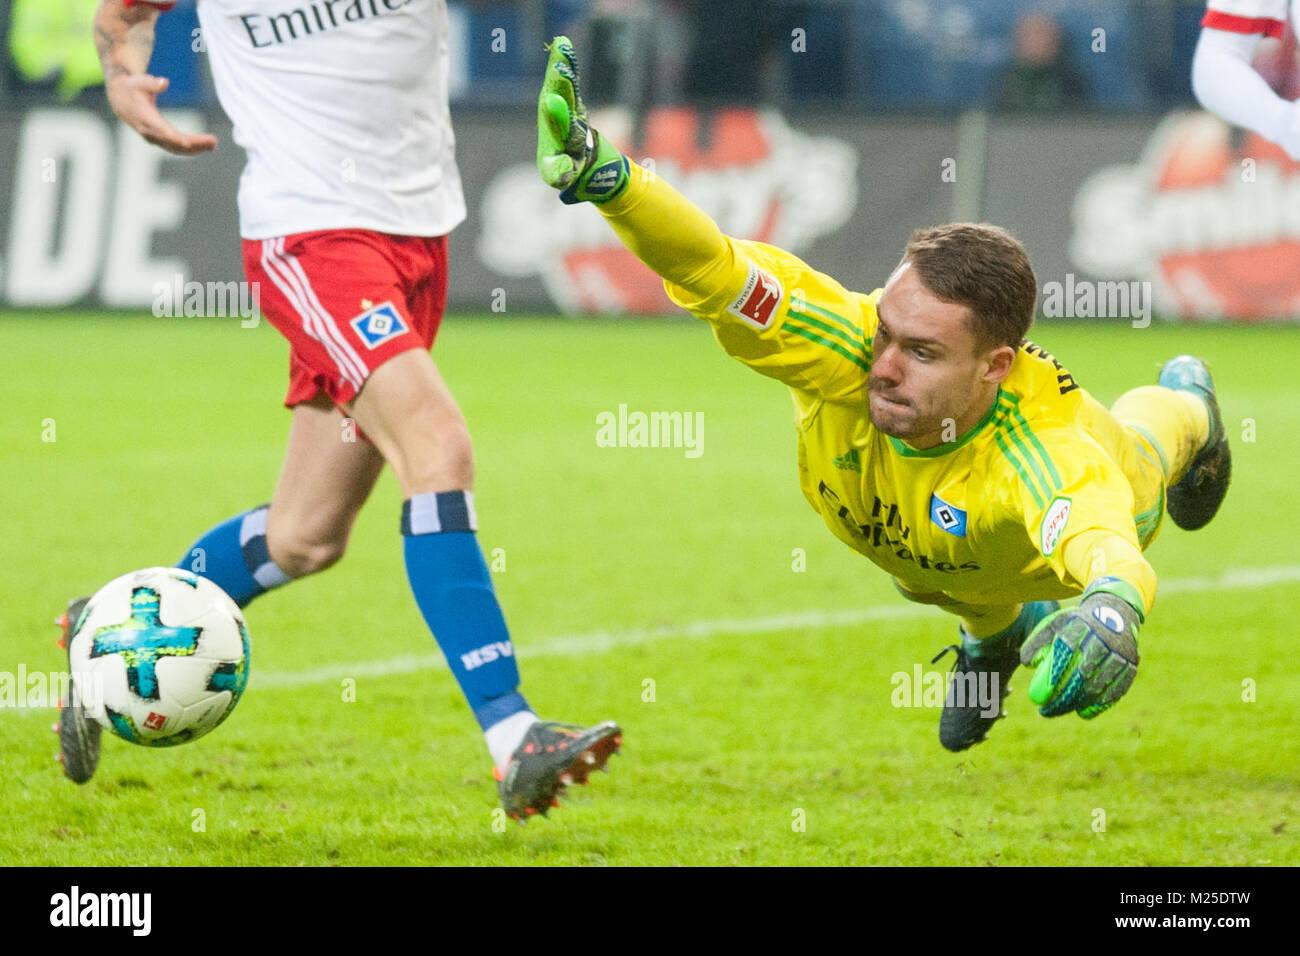 goalwart Christian MATHENIA (HH) springt zum ball, Aktion, Kampf um den Ball, Fussball 1. Bundesliga, 21. matchday, - Stock Image